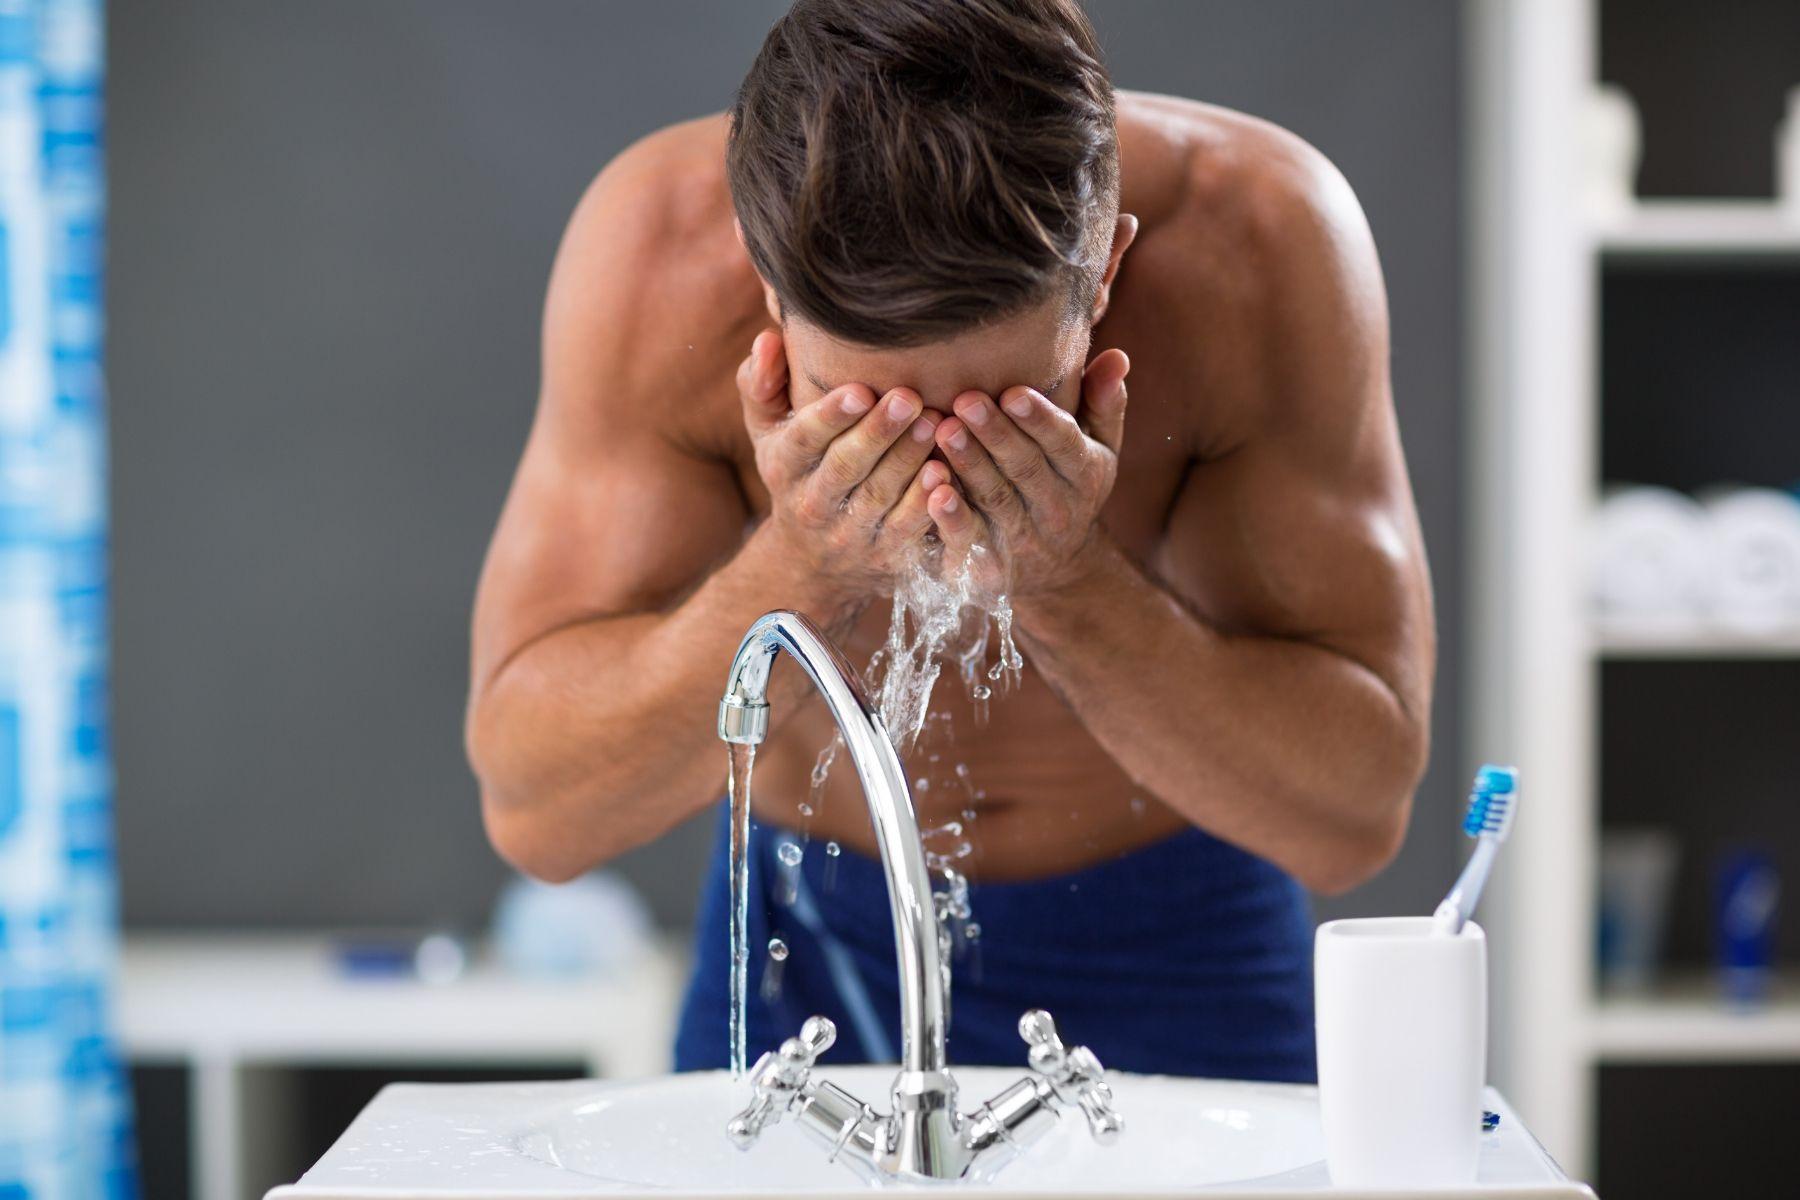 Gesichtspflege nach der Rasur: Reinigung & After Shave